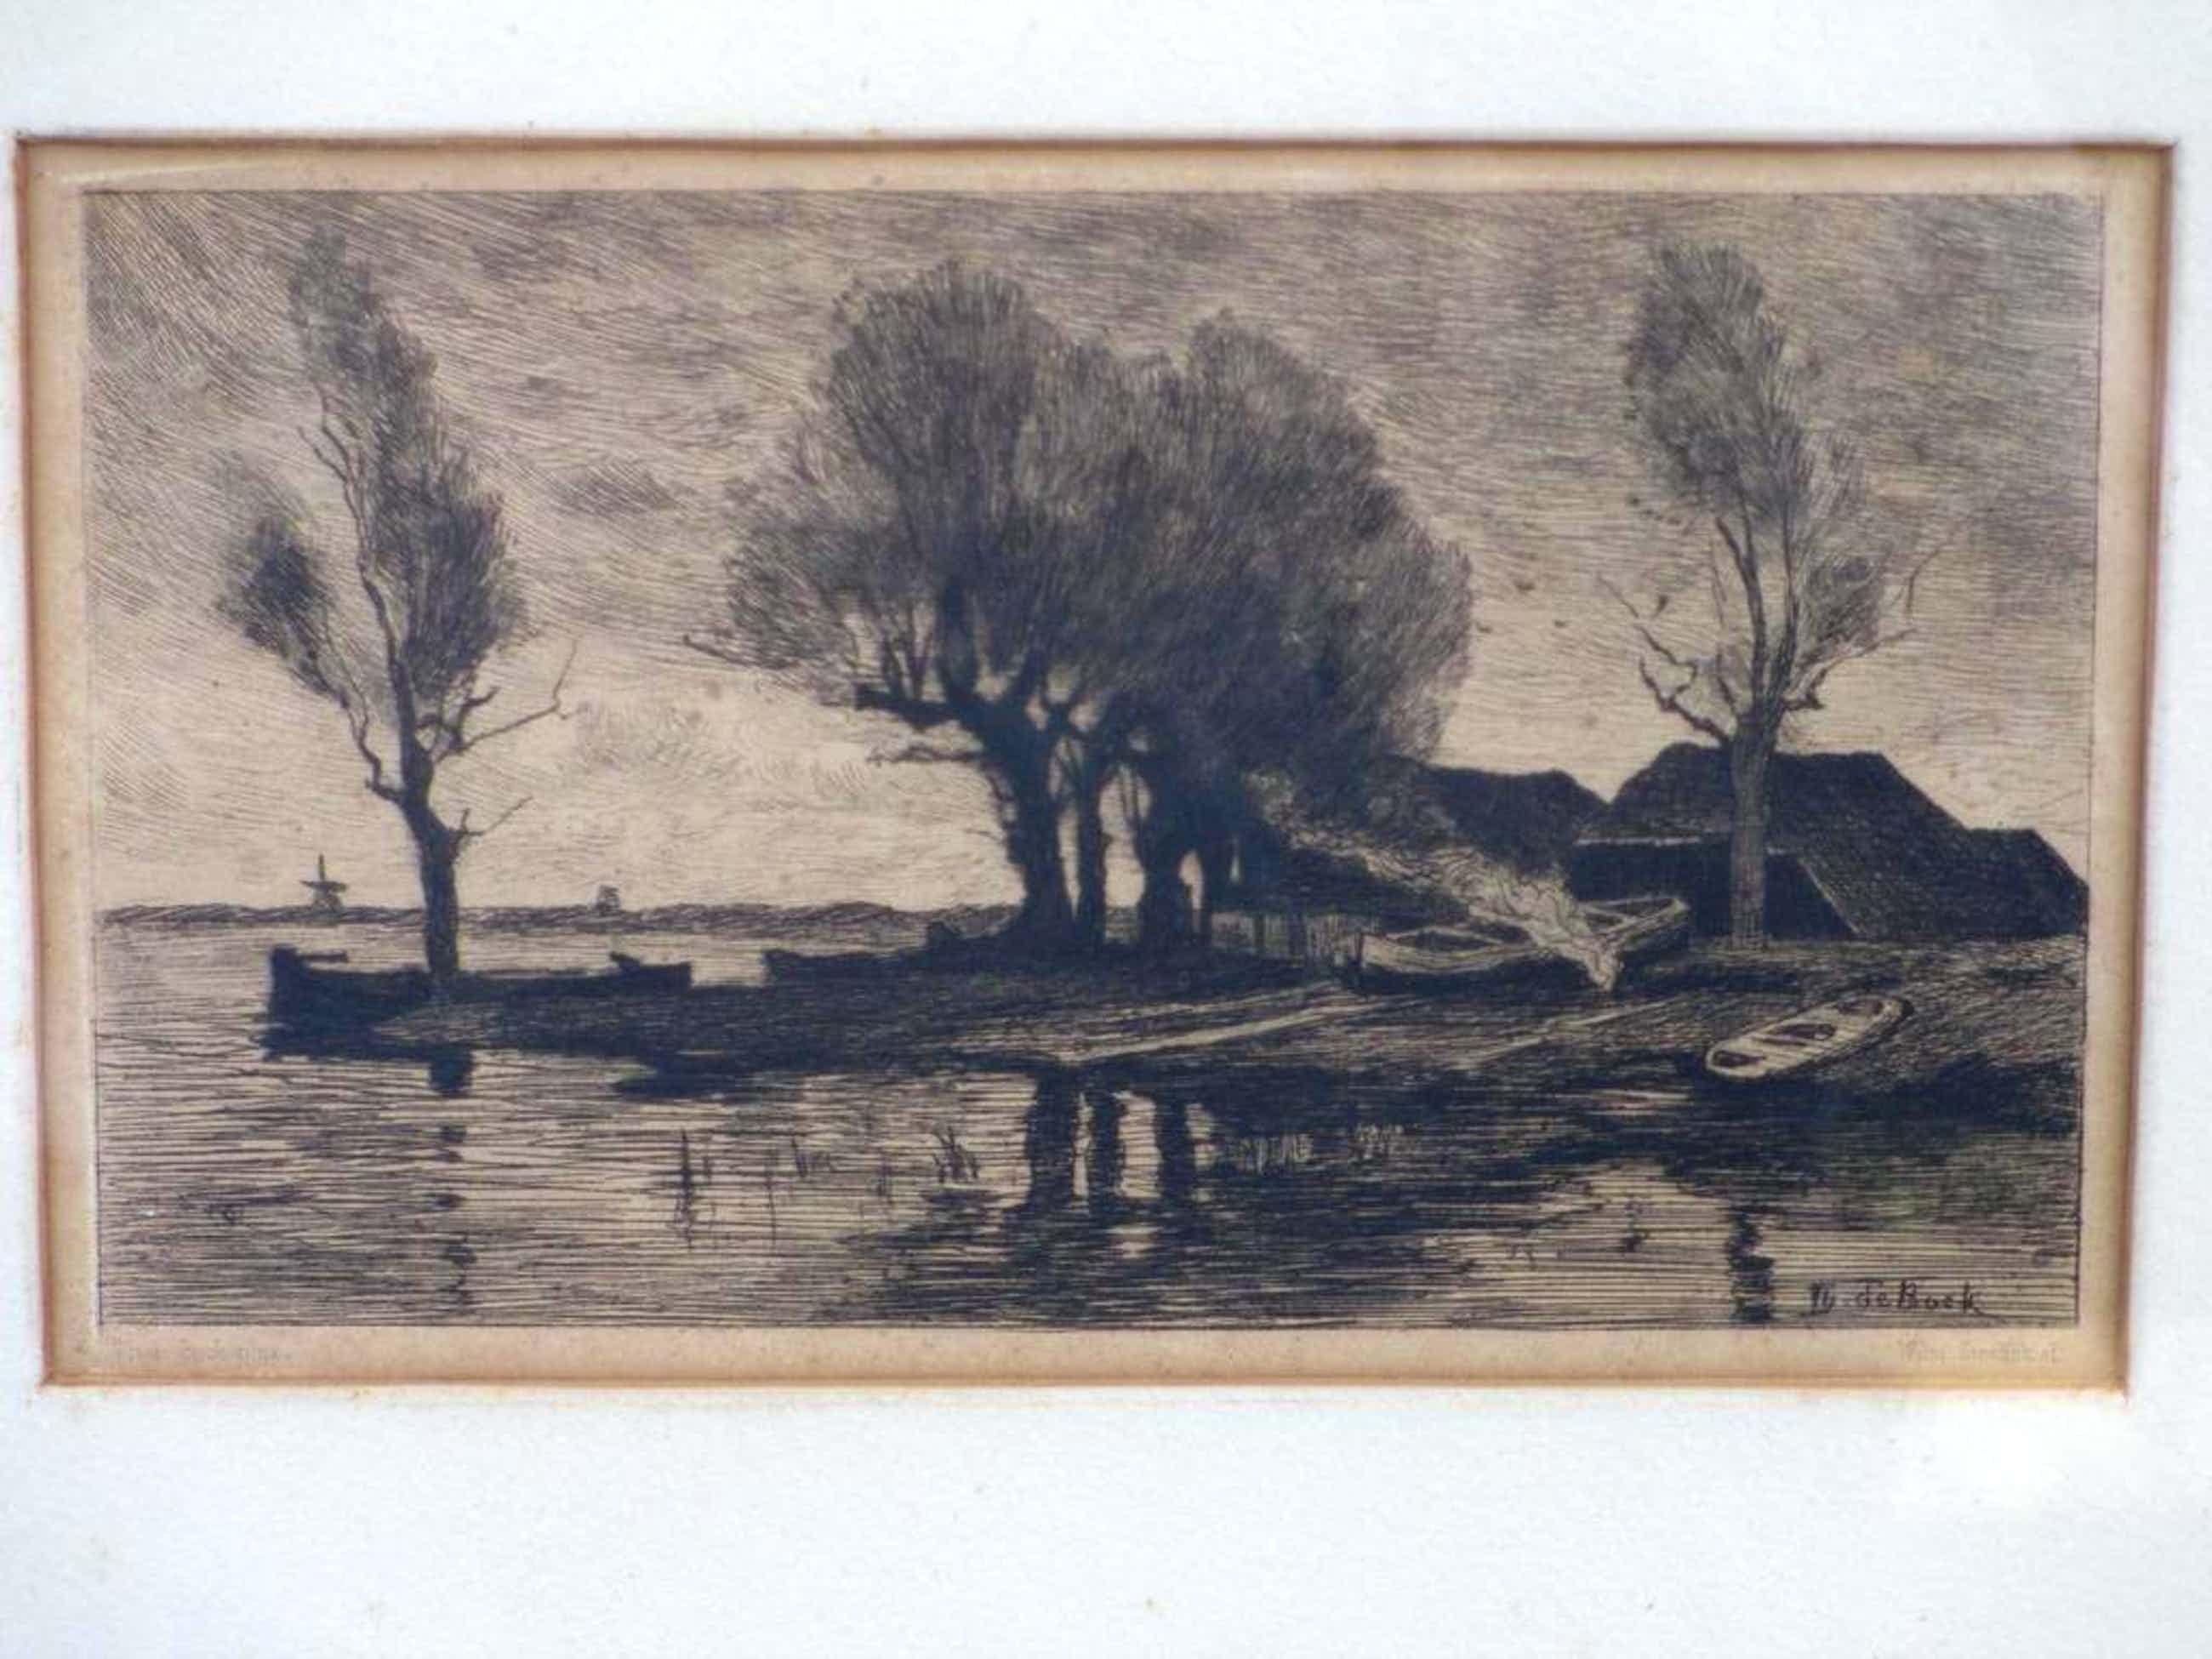 Theophile de Bock, Boerderij in waterlandschap, Ets kopen? Bied vanaf 35!